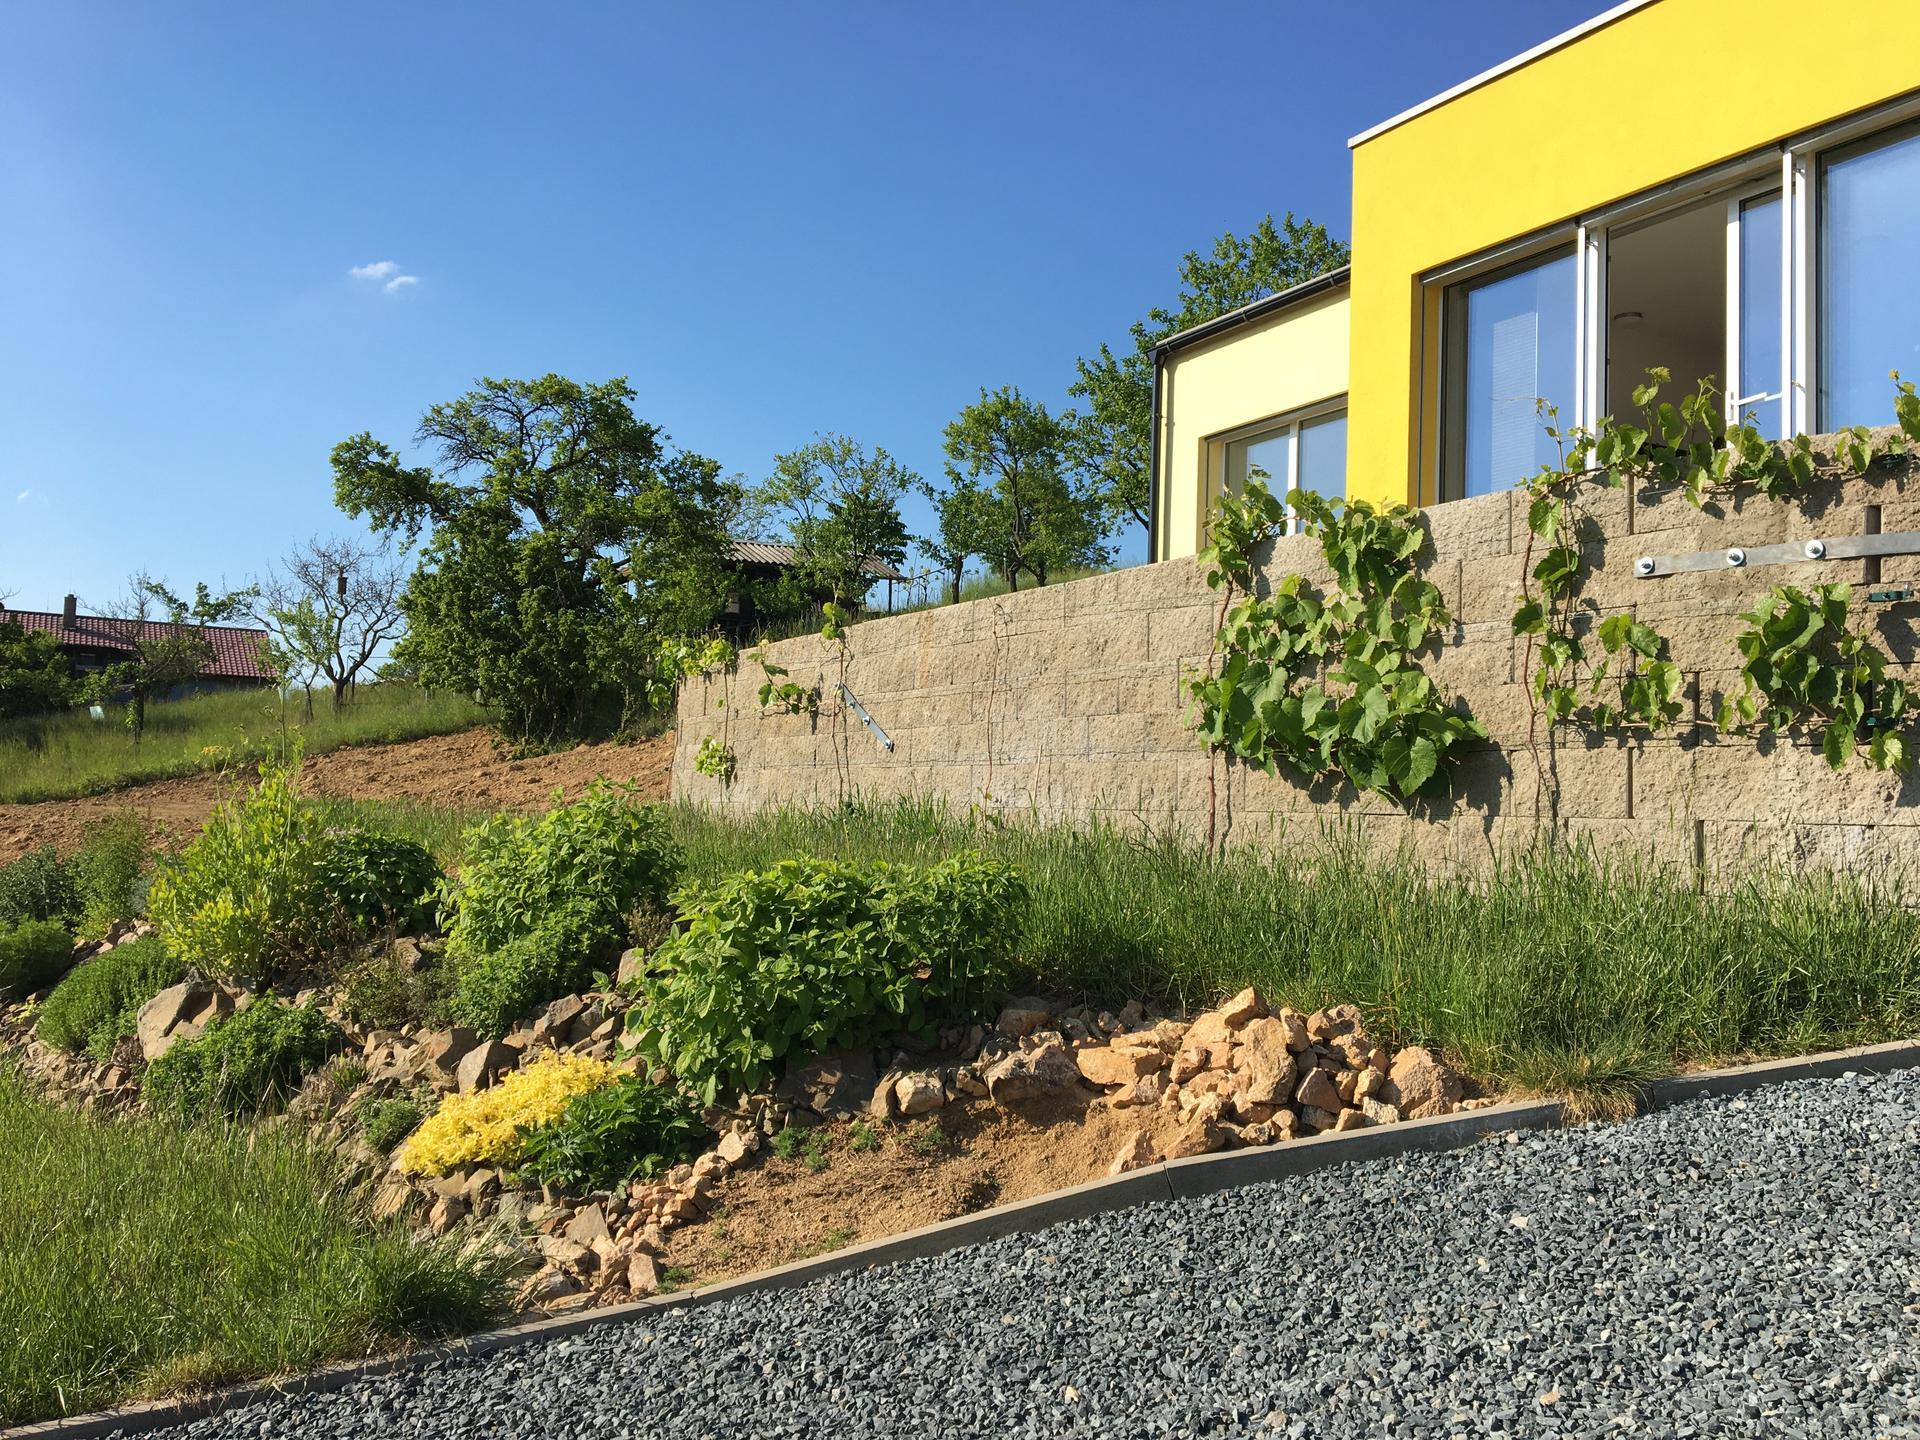 Skřítčí zahrada 2015 - 2020 - Květen 2020 - kdo tu na podzim tvrdil, že tu bylinkovou skalku předělávat třikrát stačilo ... no, tak do čtvrtice už to snad klapne